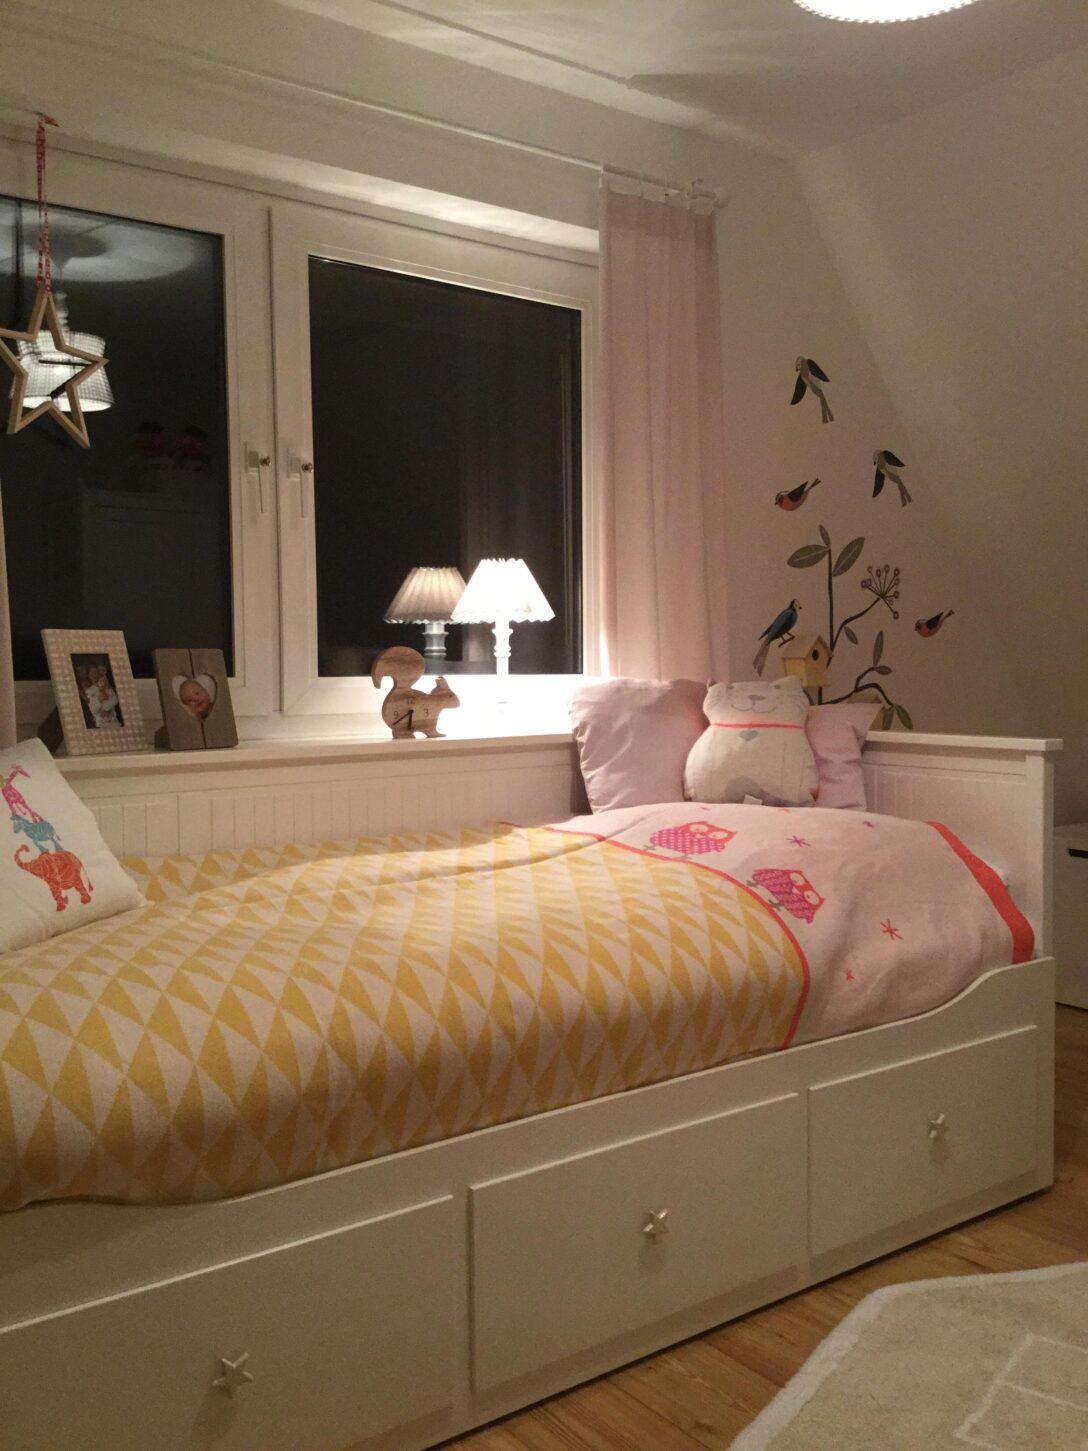 Large Size of Ikea Gardinen Gemtliches Kinderbett Bett Tagesdecke Kissen Ik Betten Bei 160x200 Fenster Für Wohnzimmer Küche Schlafzimmer Scheibengardinen Die Kaufen Wohnzimmer Ikea Gardinen